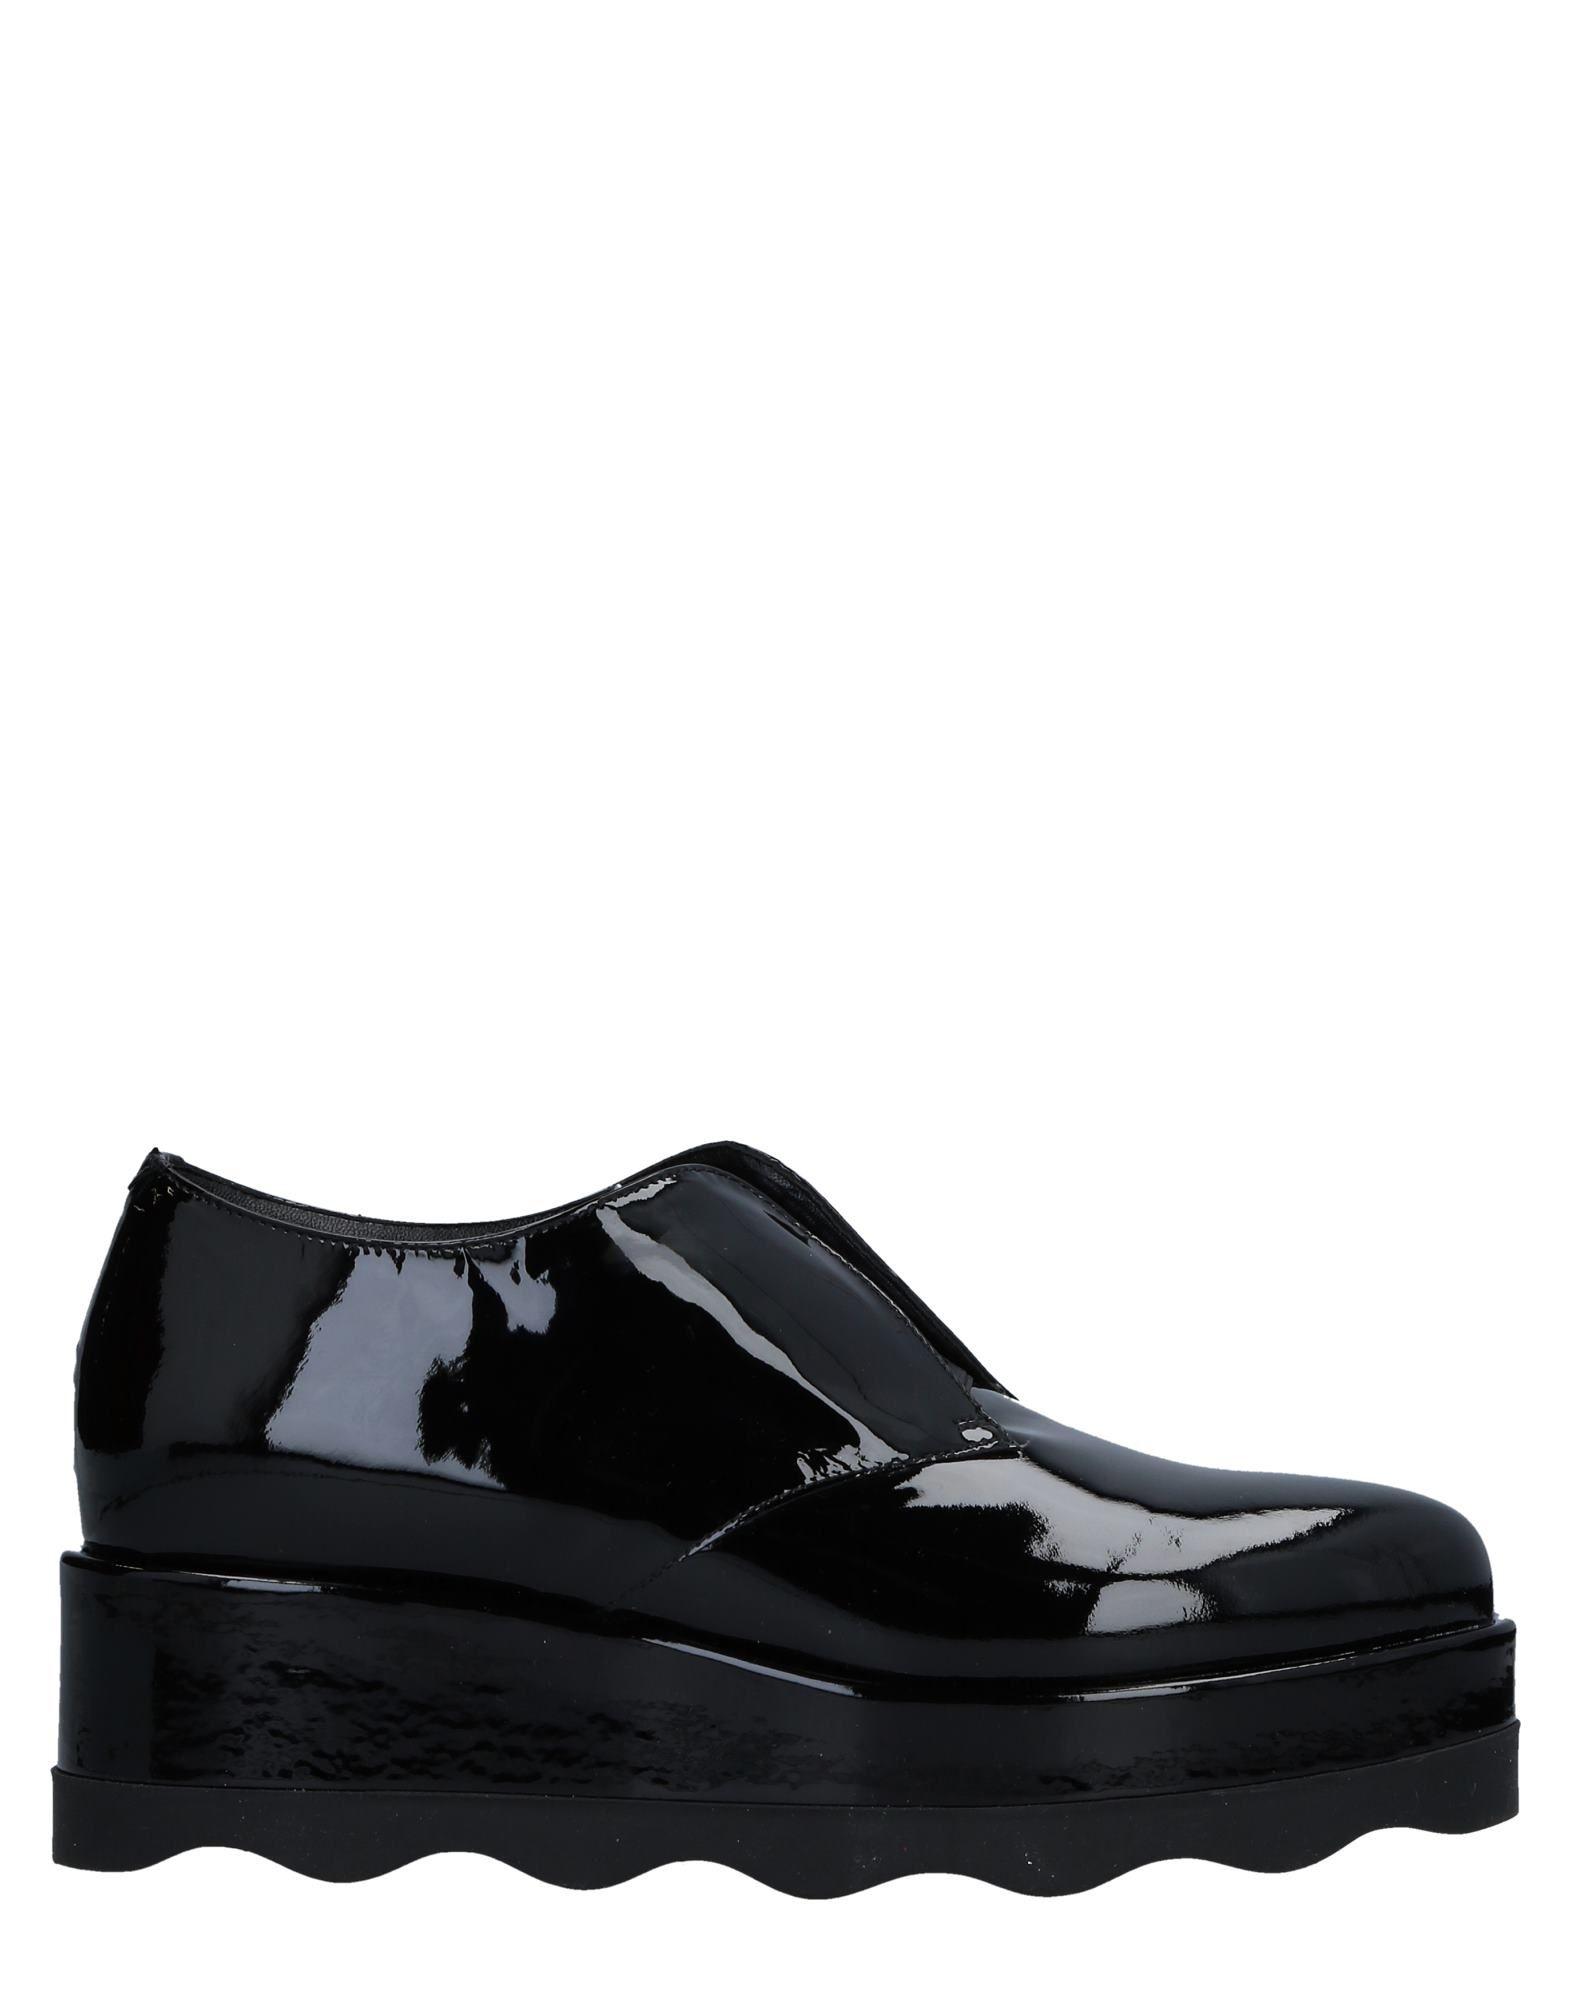 Sneakers Fessura Donna - scarpe 11521658PJ Nuove offerte e scarpe - comode 217e88